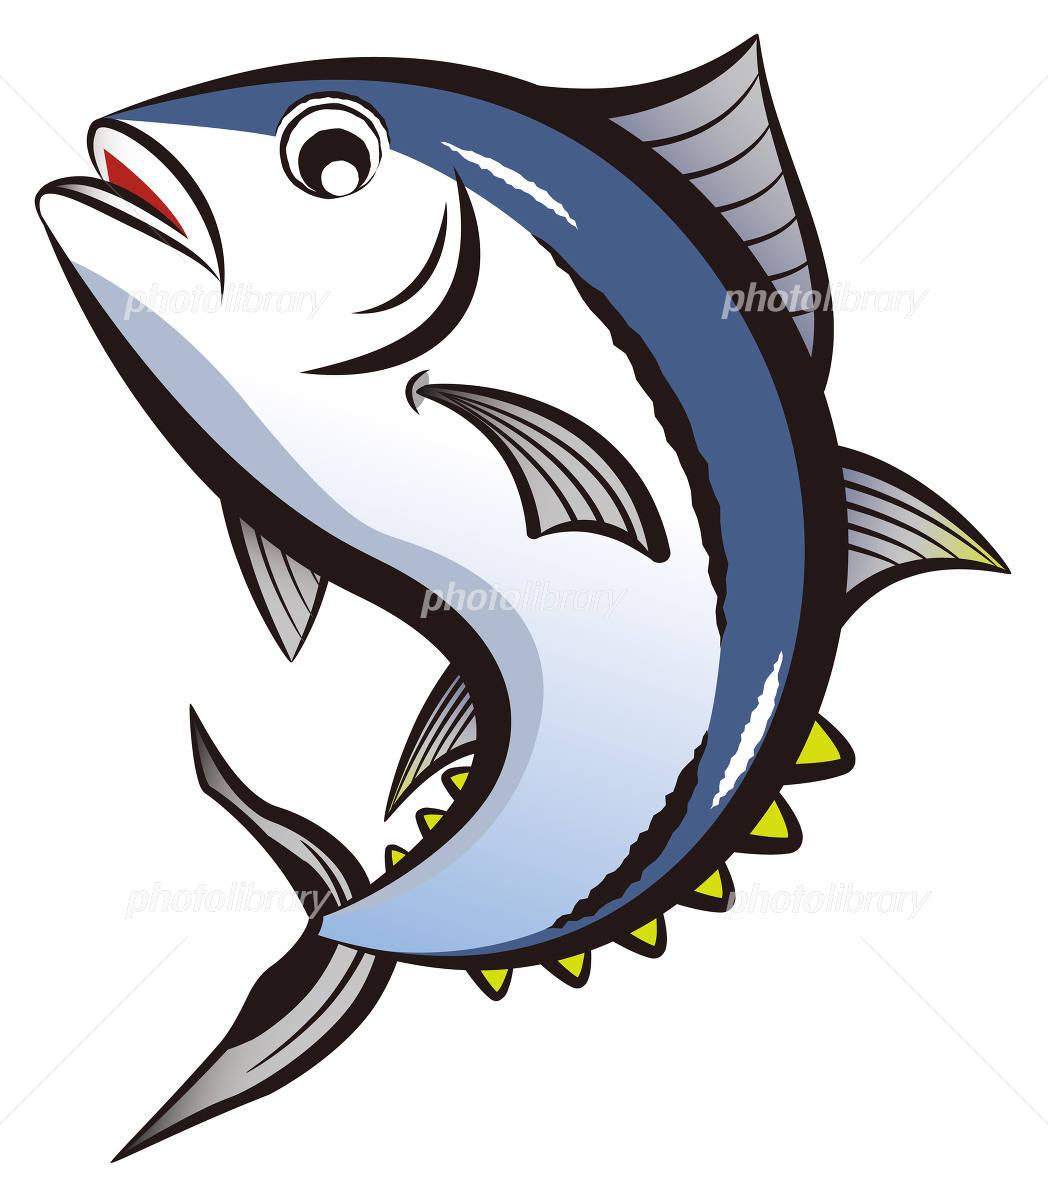 Tuna イラスト素材